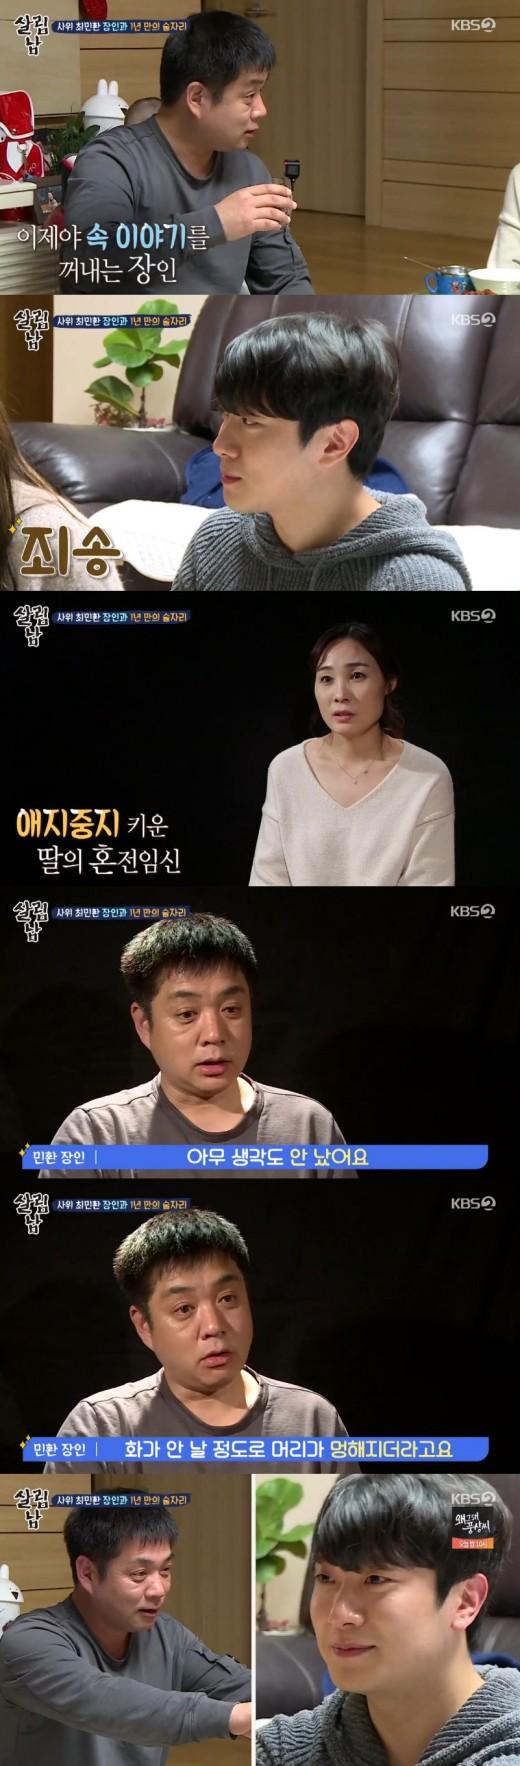 """""""22세 딸의 혼전임신""""... '살림남' 율희 父, 최민환이 불편한 이유"""